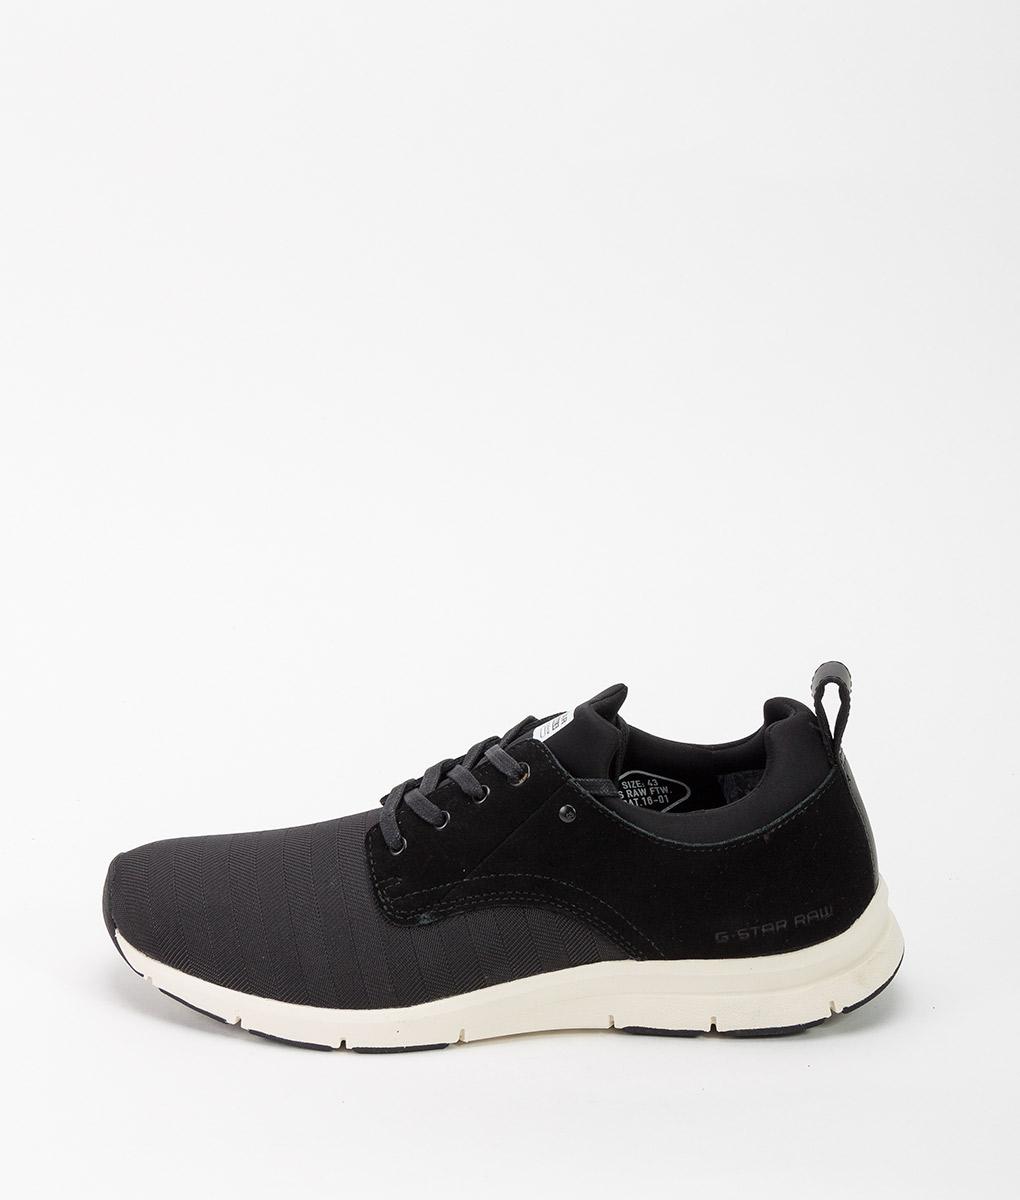 G Star Men Running Shoes Aver Black 109 99 T6 8